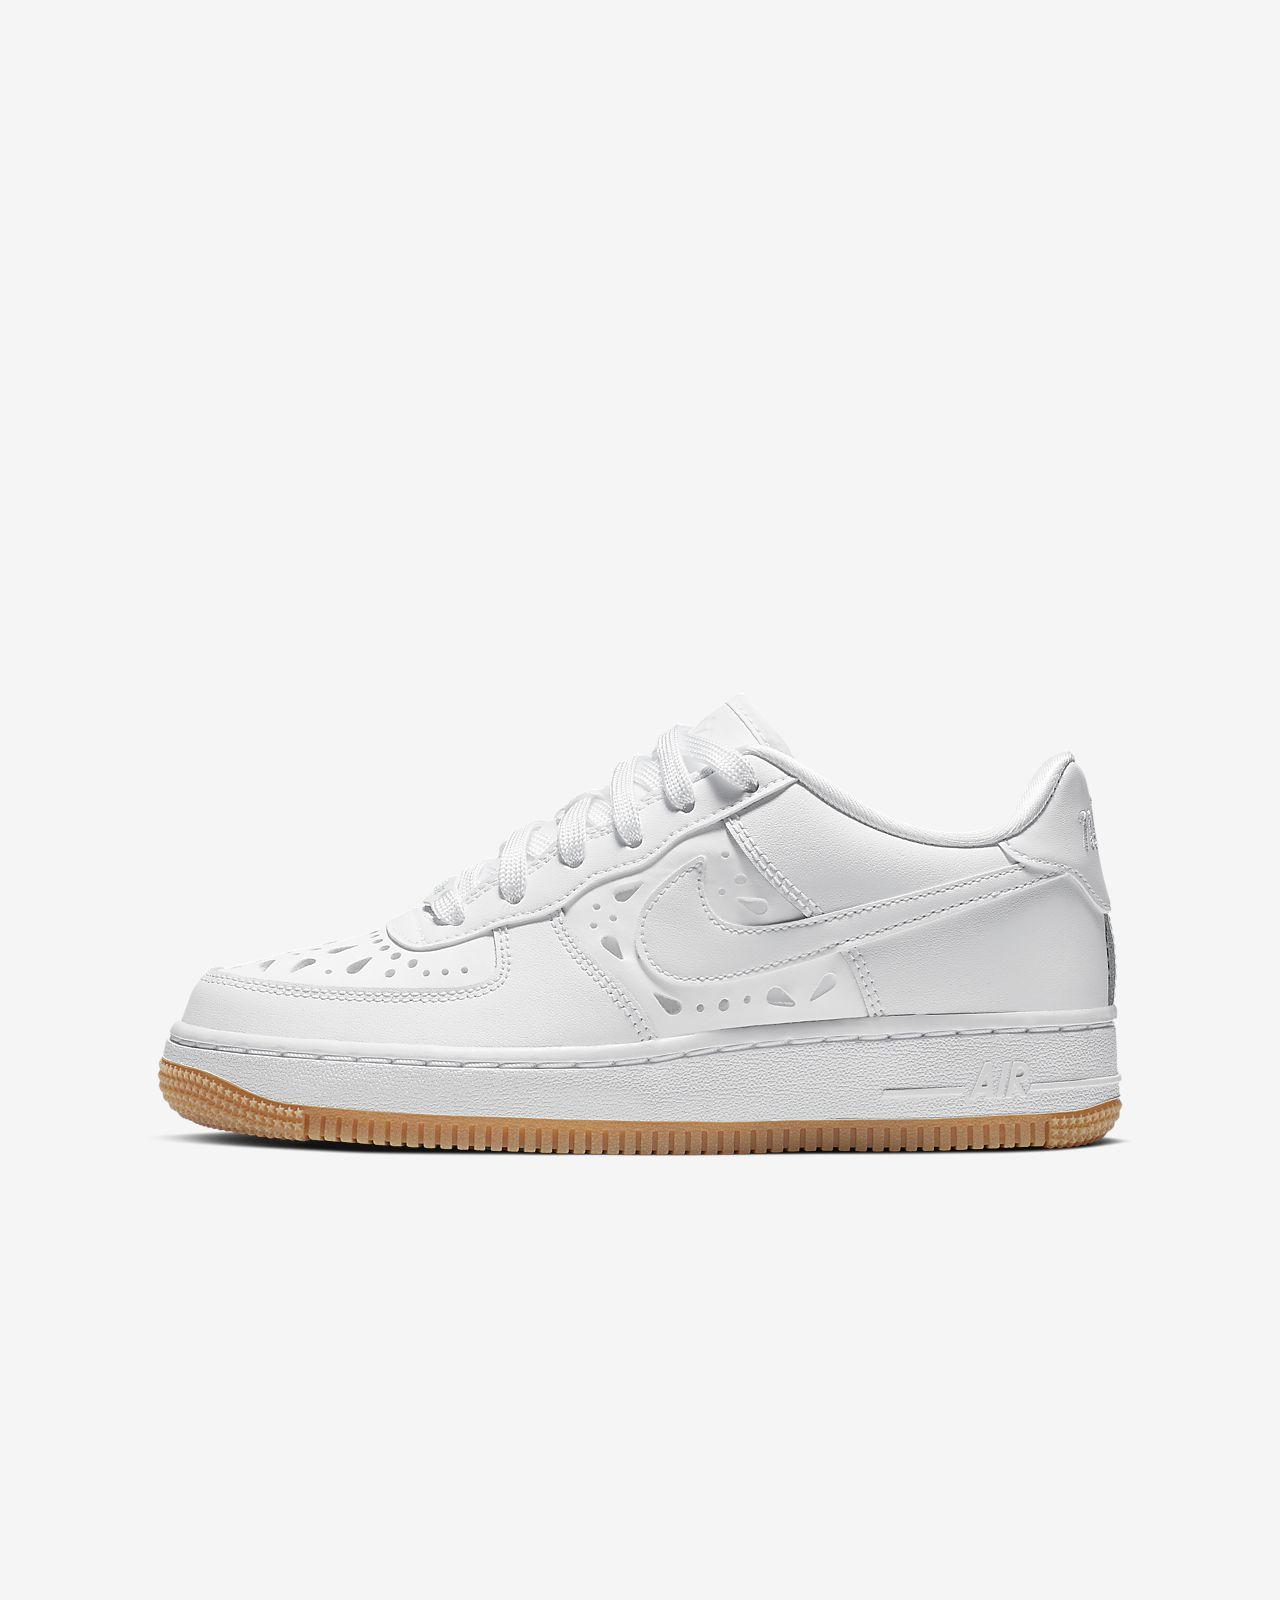 Âgé 1 Plus Pour Chaussure Nike Air Force Enfant Floral 5j4qAR3L